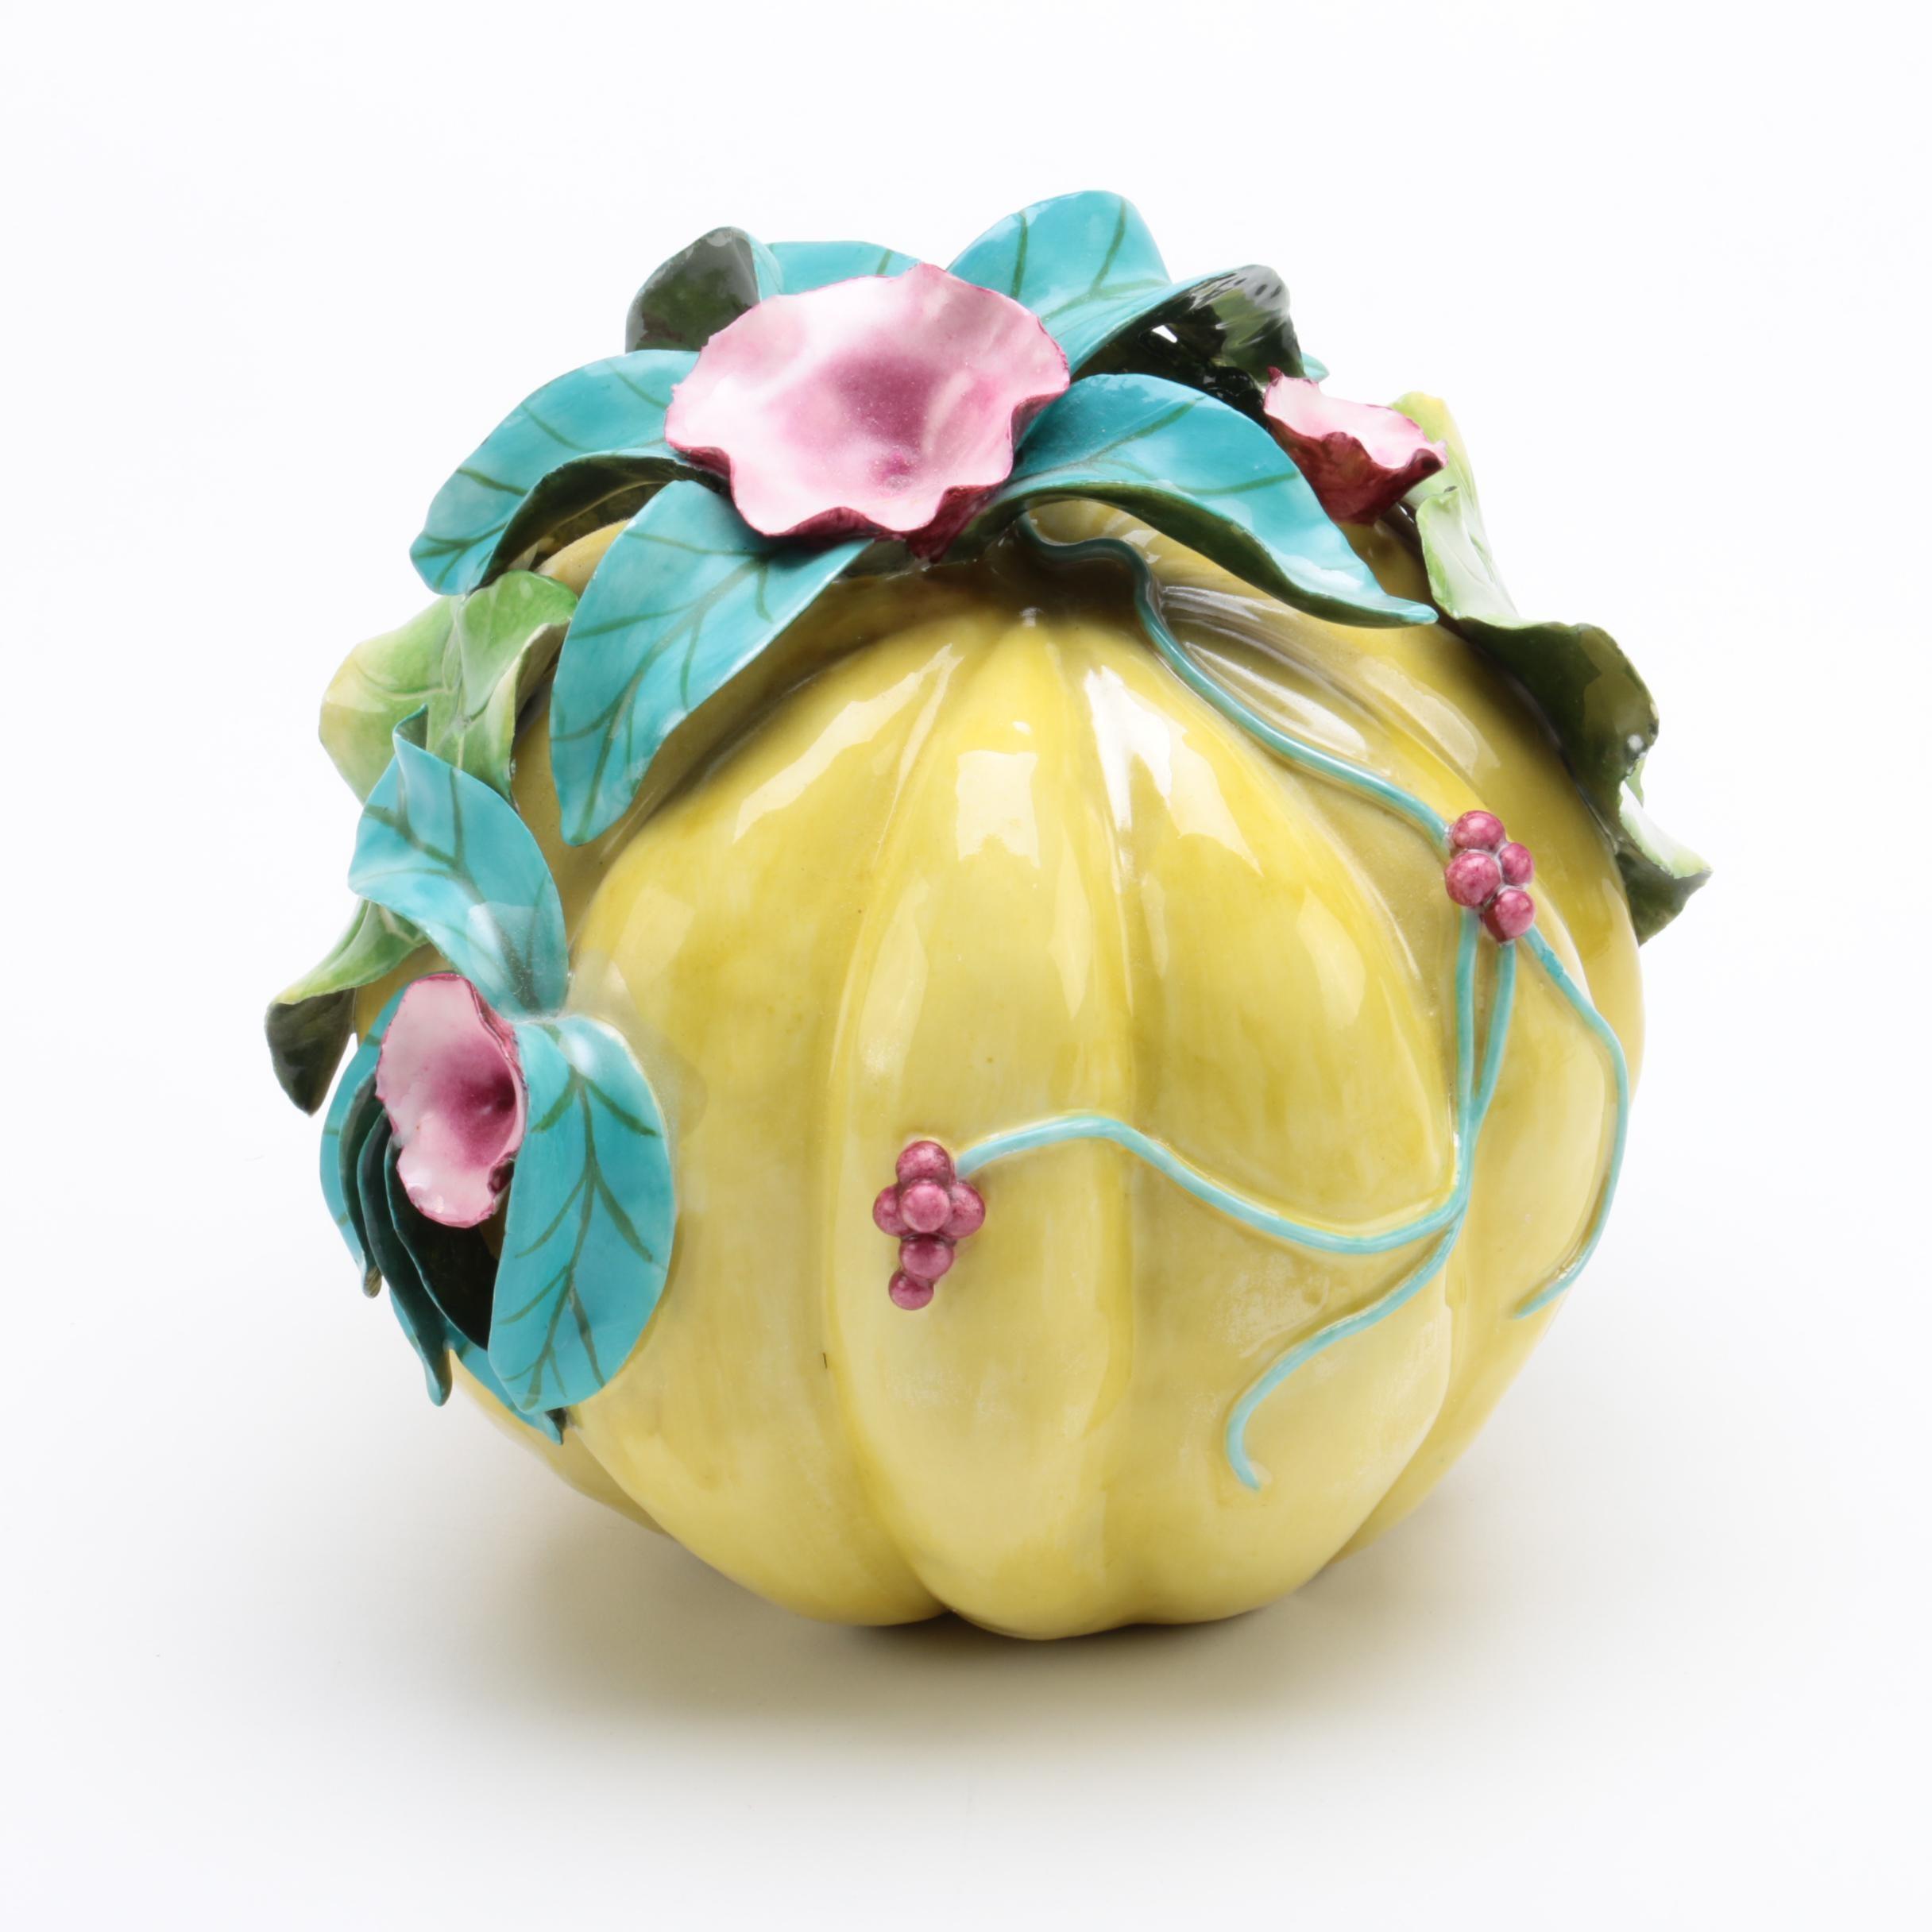 Katherine Houston Hand Sculpted Porcelain Melon Centerpiece